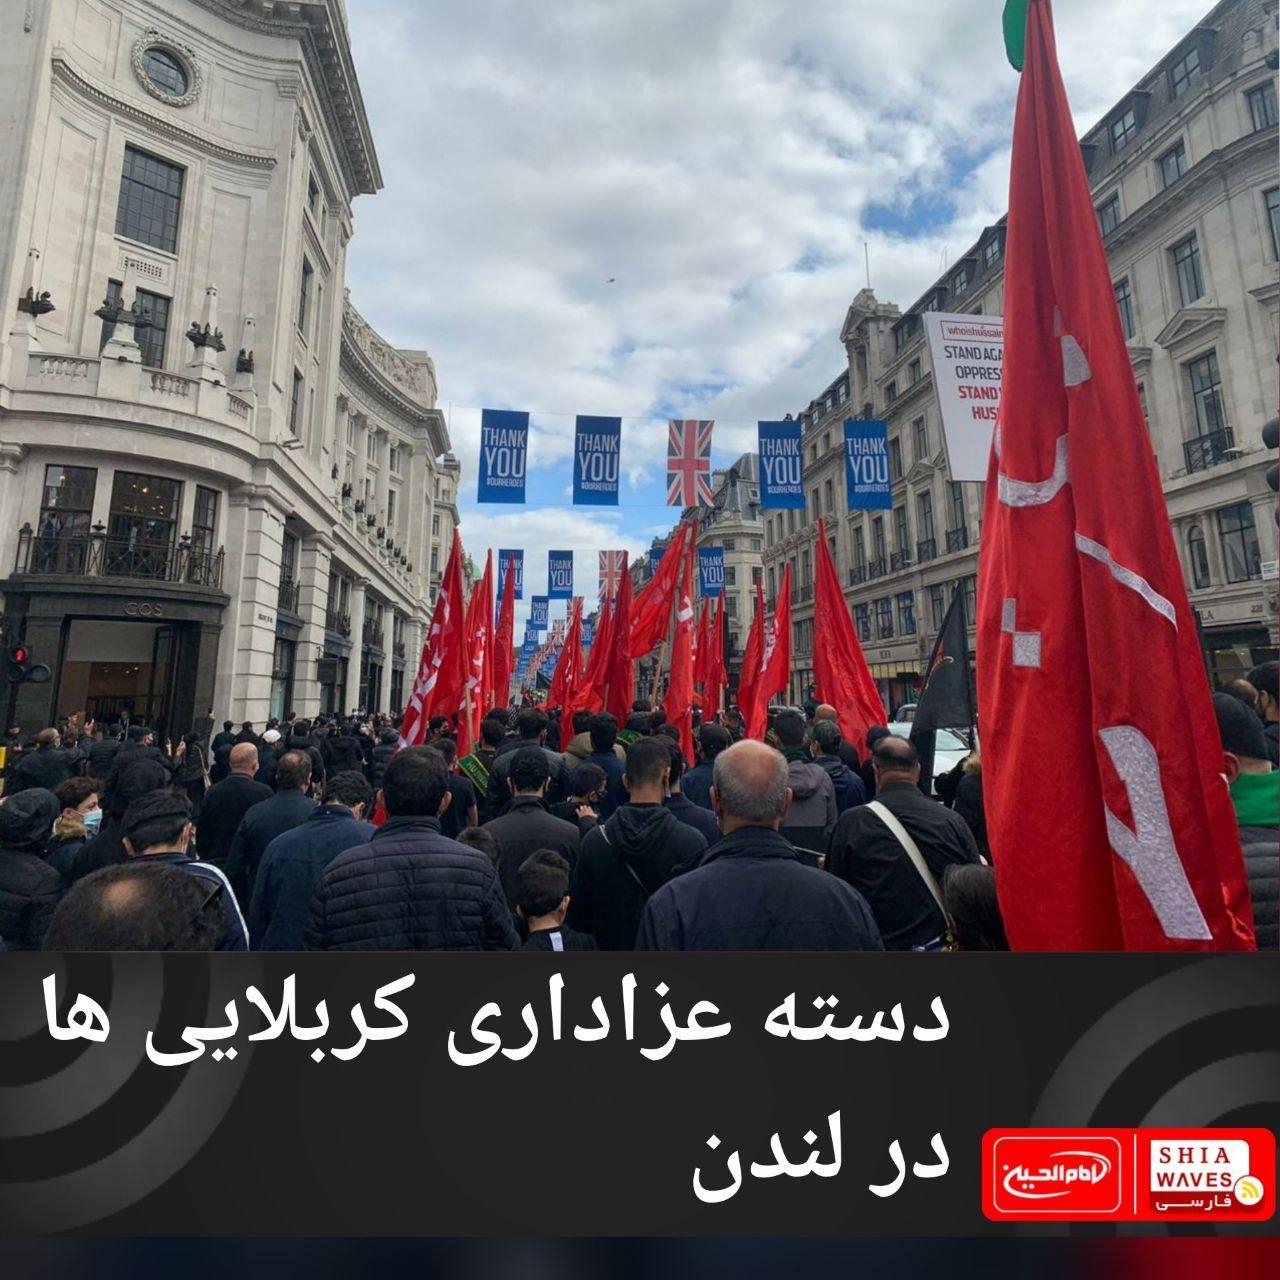 تصویر دسته عزاداری کربلایی ها در لندن